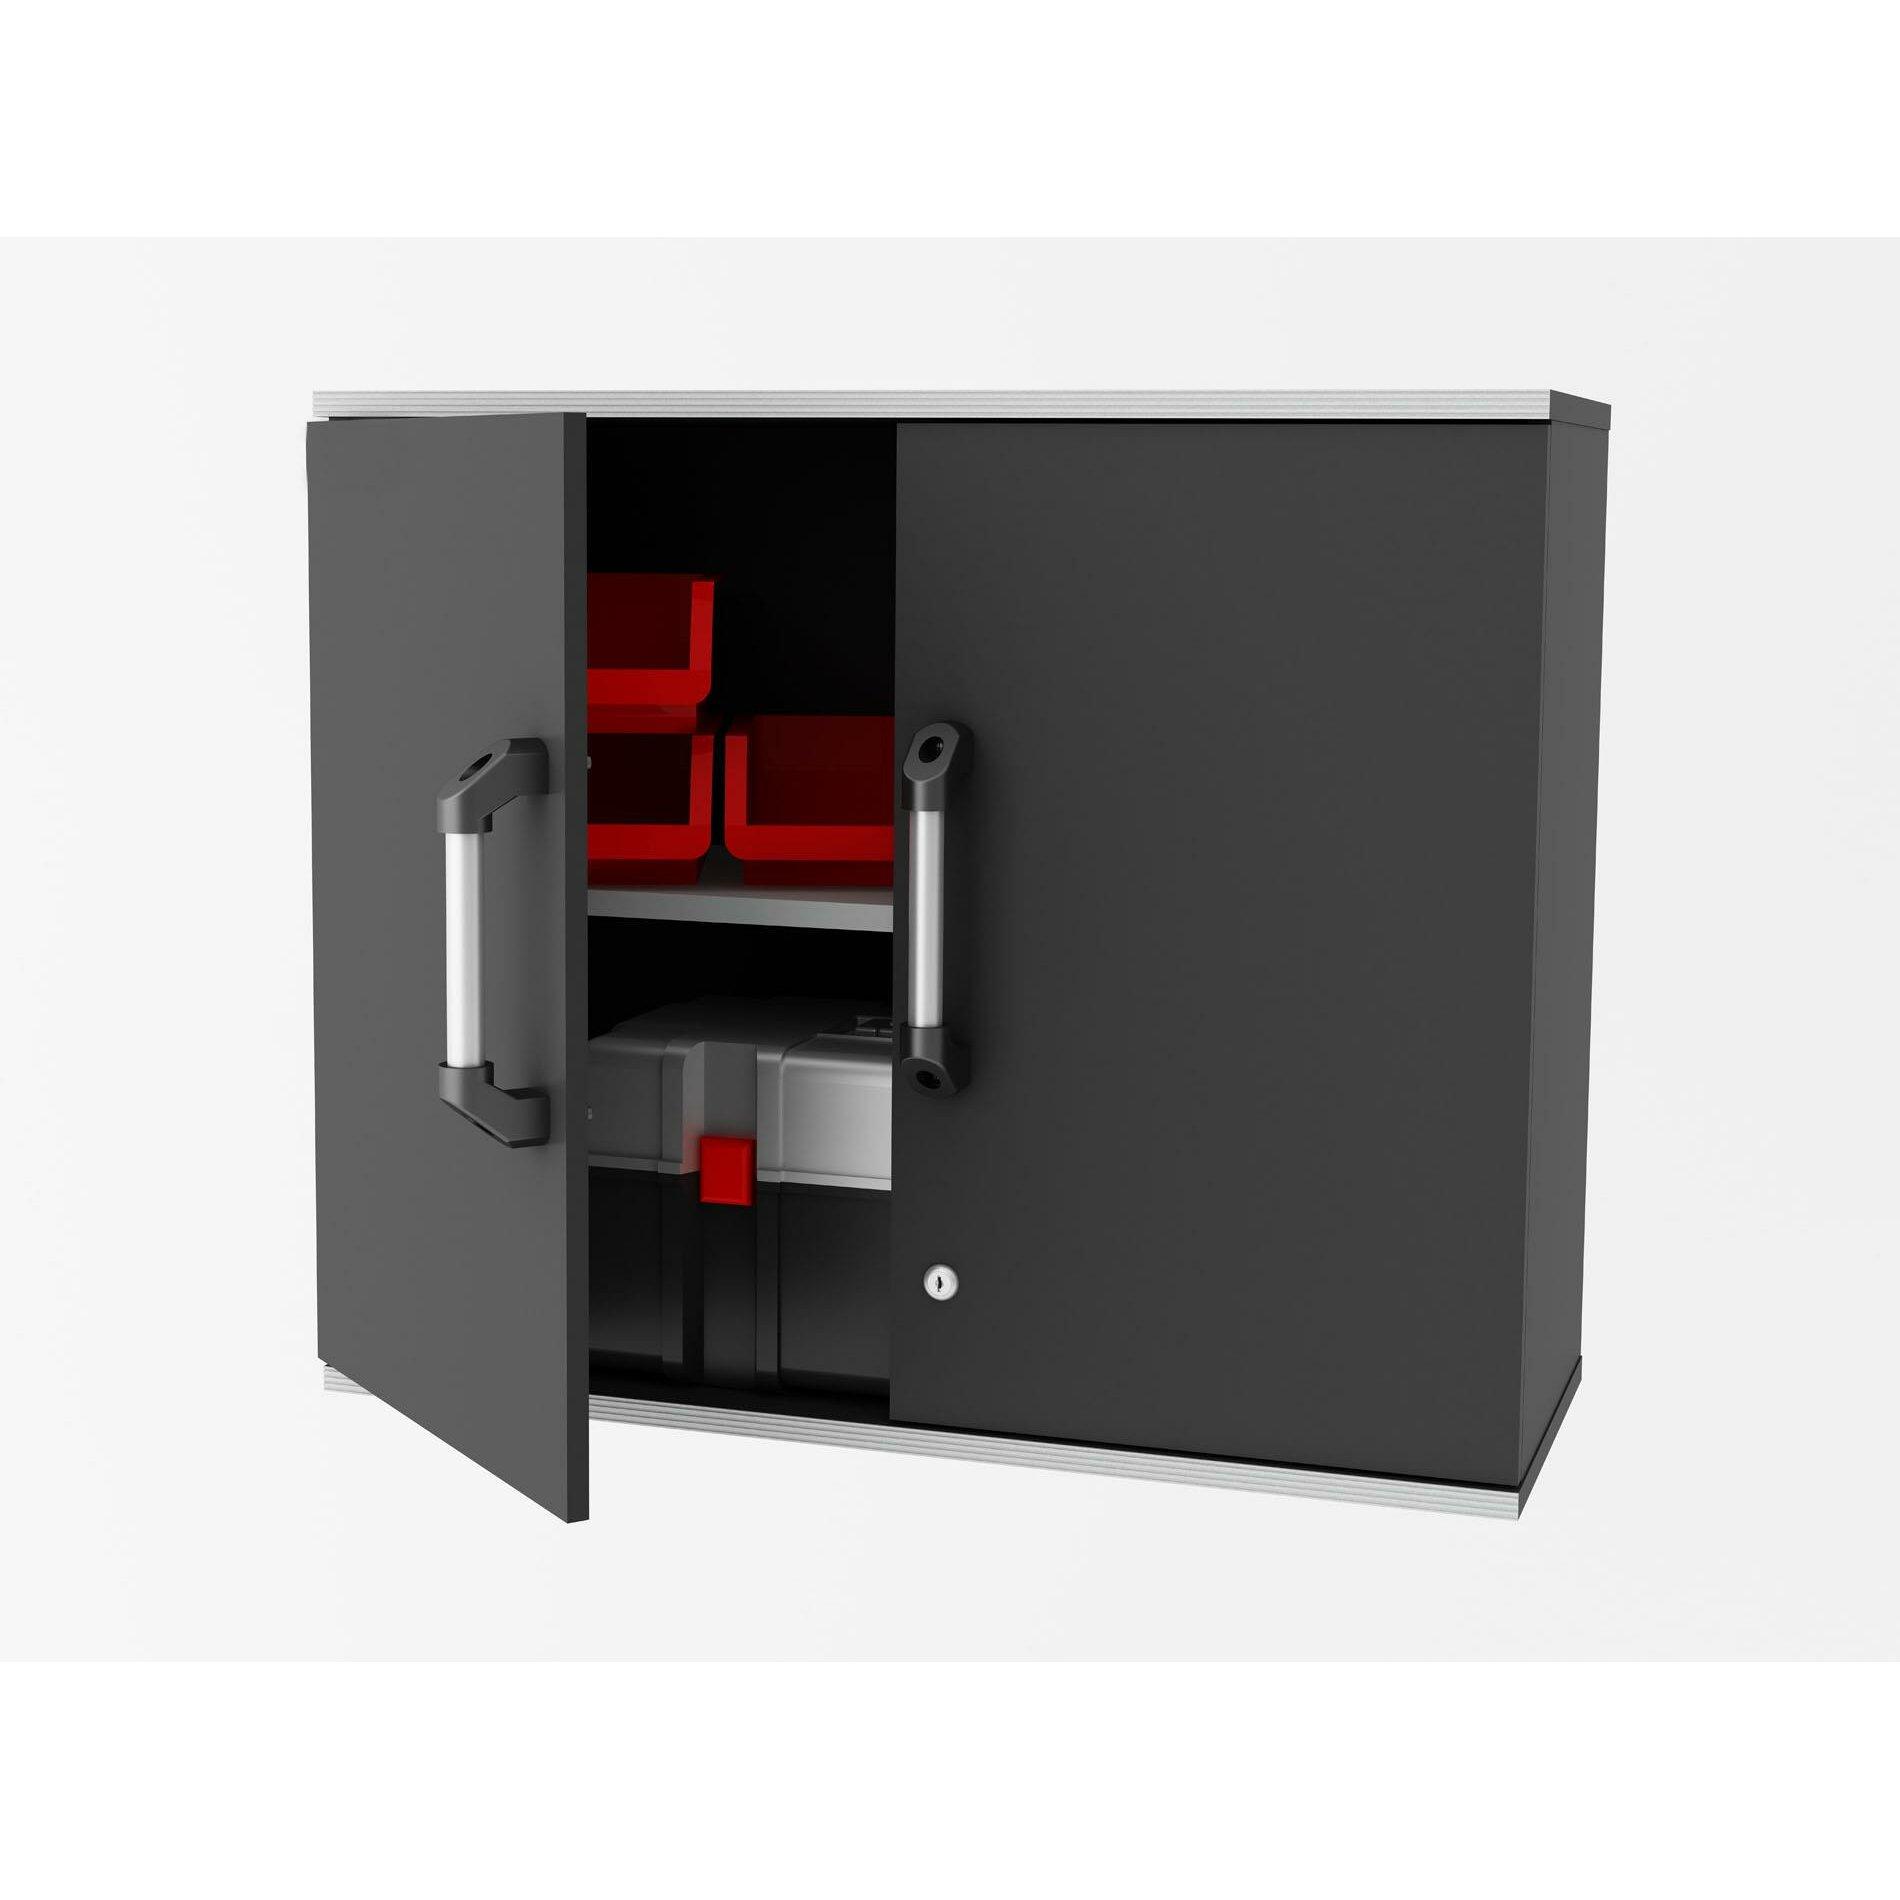 altra boss 249 h x 298 w x 118 d wall storage cabinet wall s